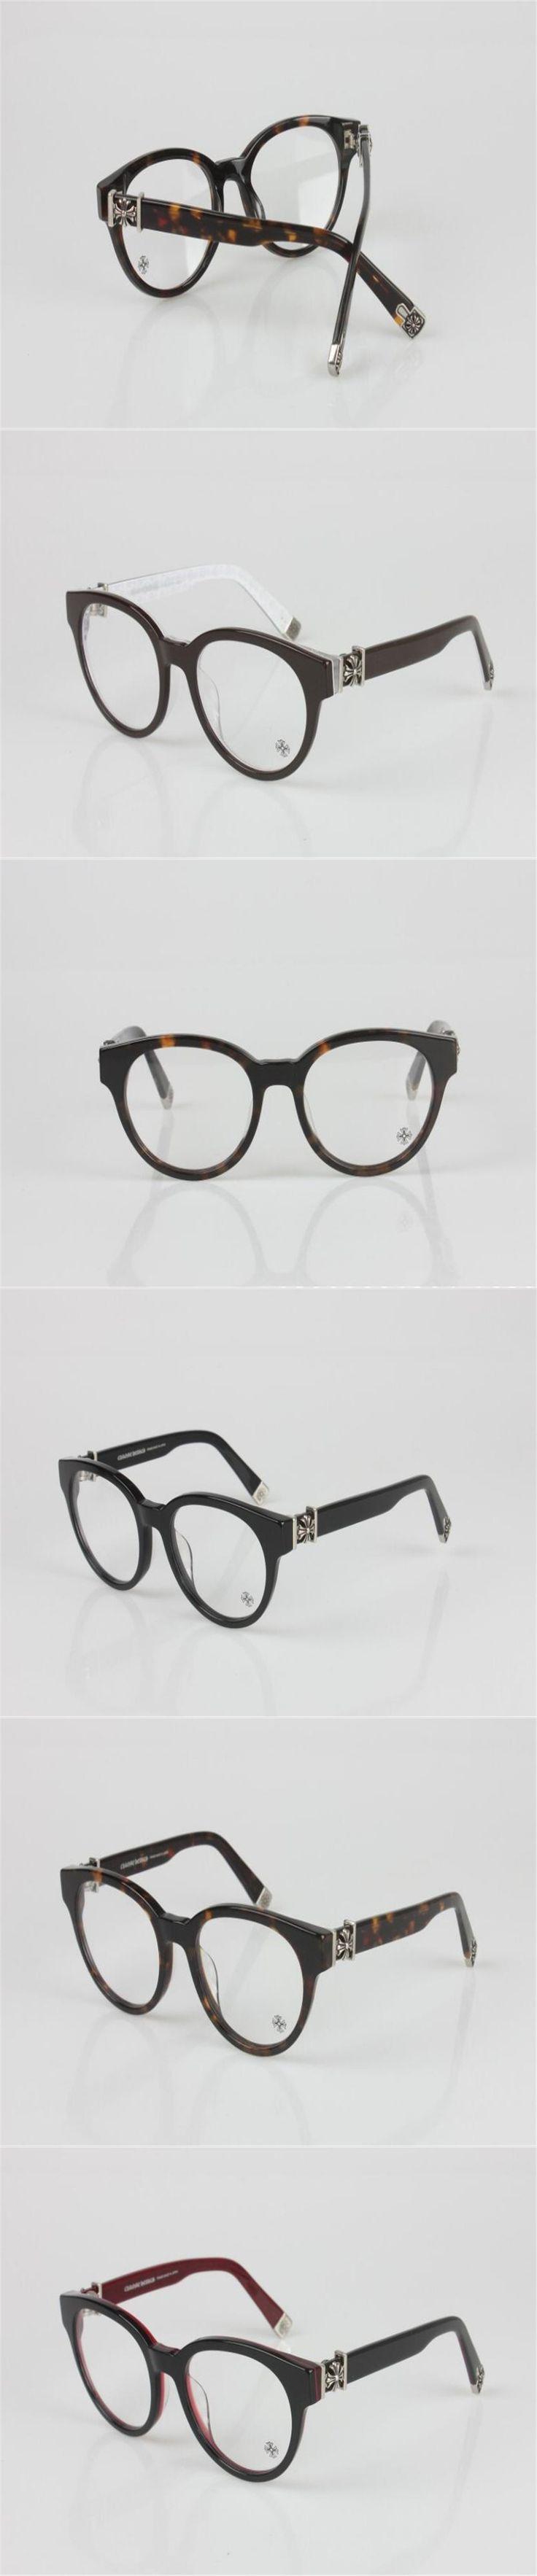 DOWER ME Optical Eyewear Unisex Fashion Round Glasses Acetate Full Rim Black Myopia Frame Reading Spectacle Eyeglasses